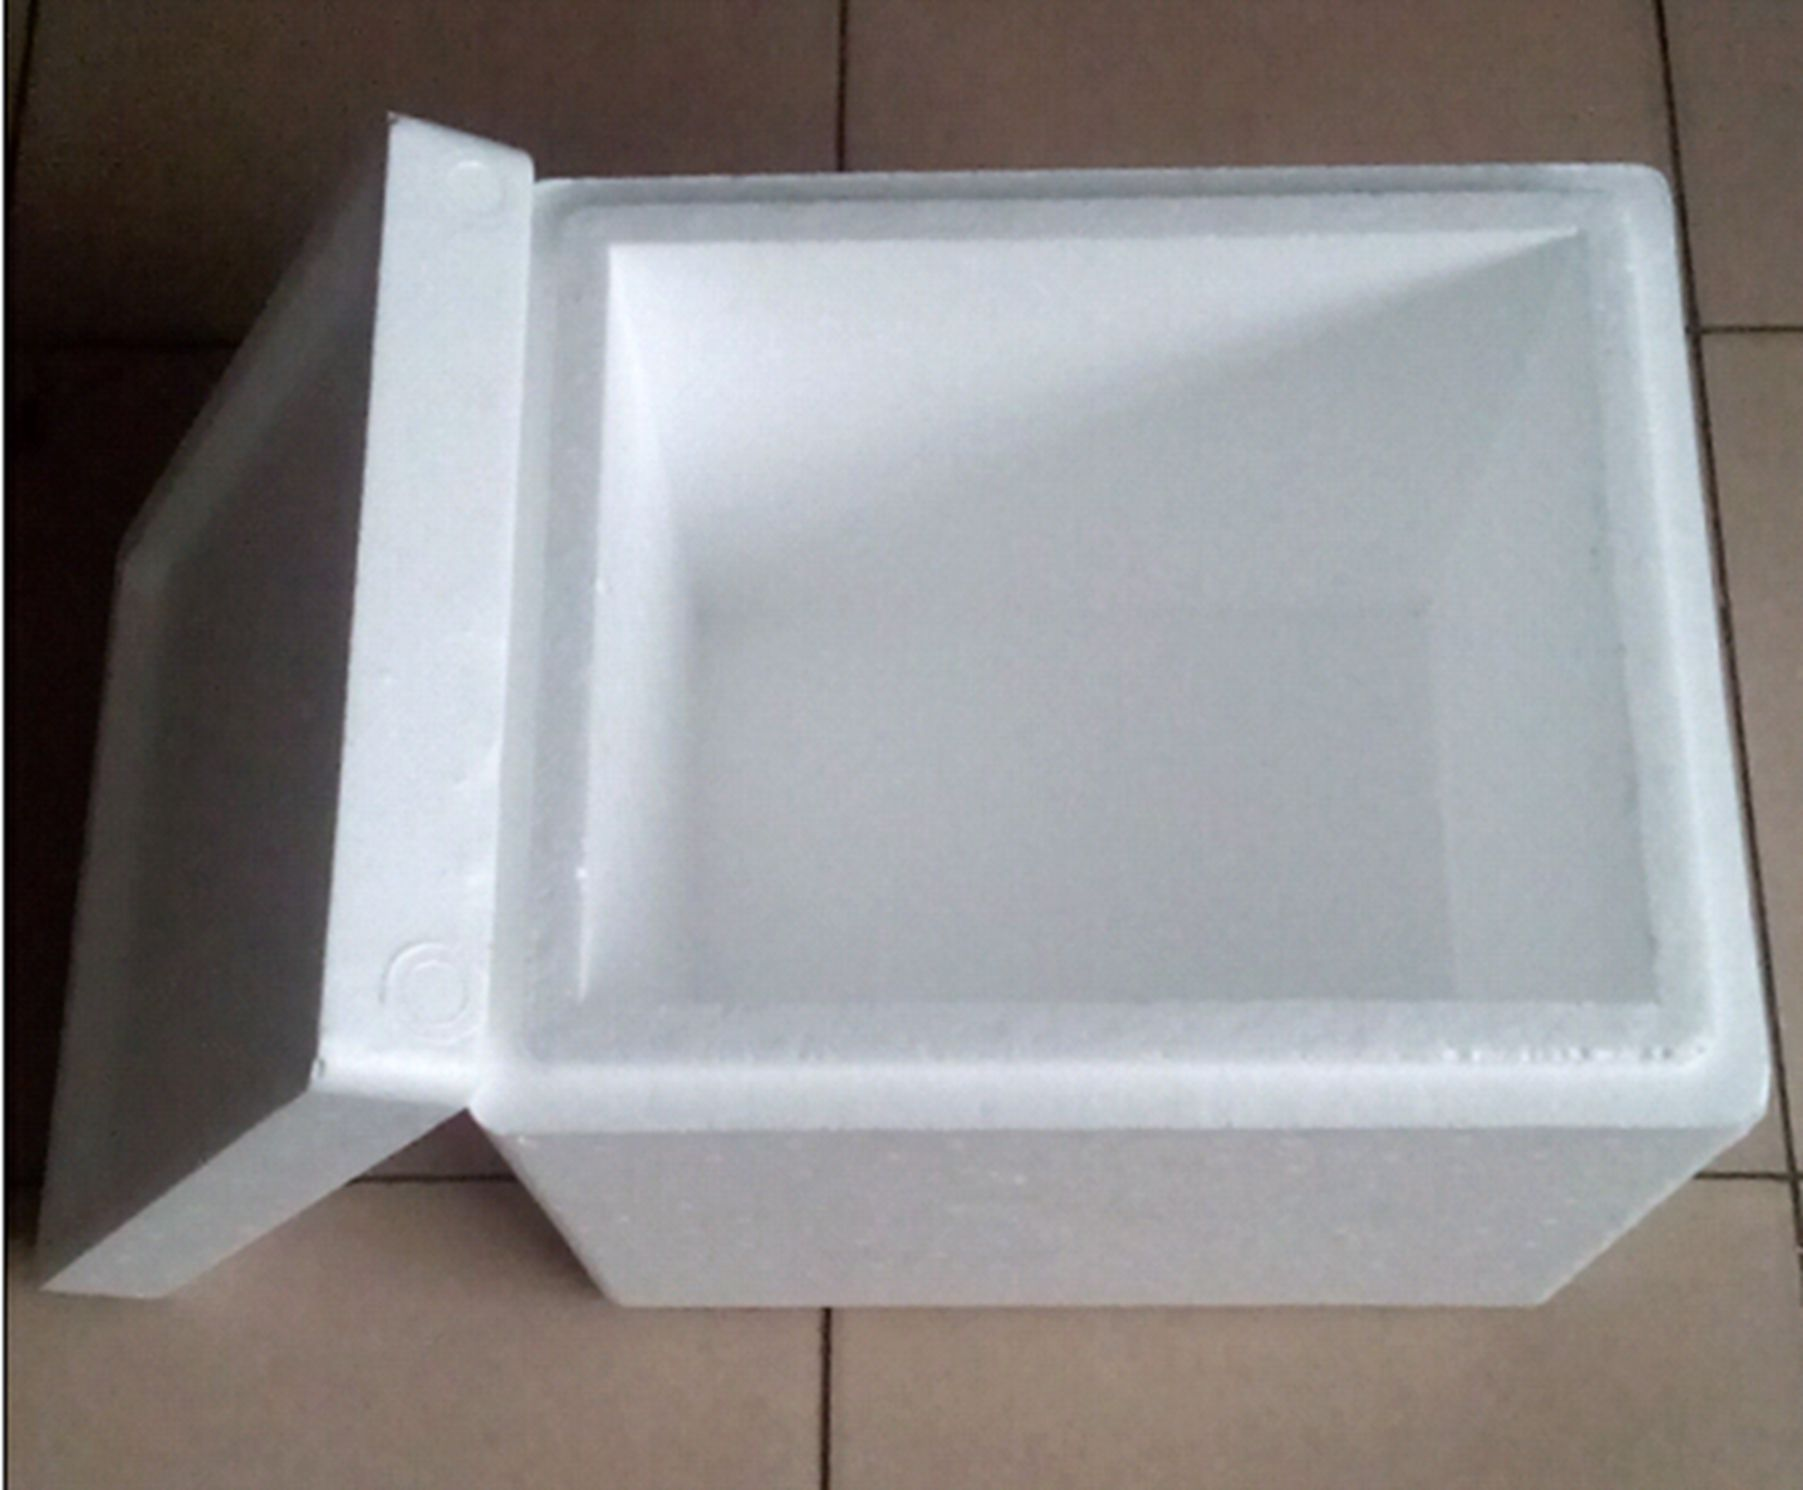 加厚保温泡沫箱 疫苗医药箱   400X335X380